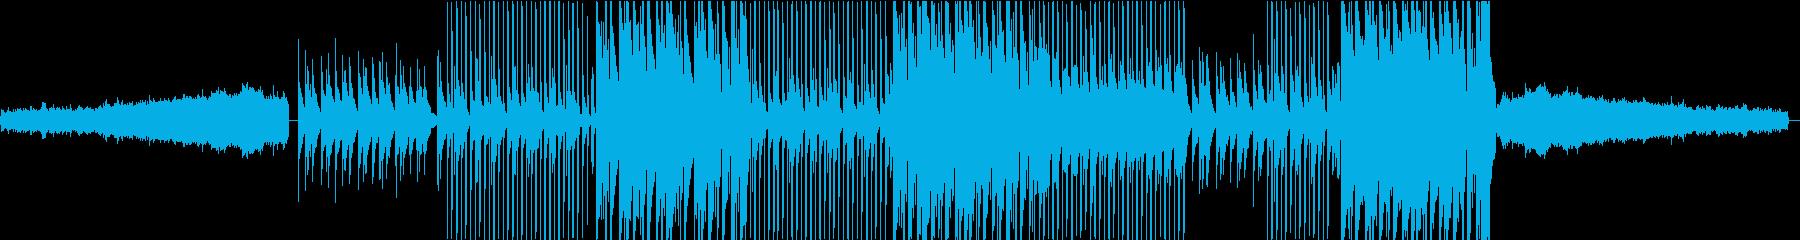 非常にアグレッシブなシンセリードを...の再生済みの波形